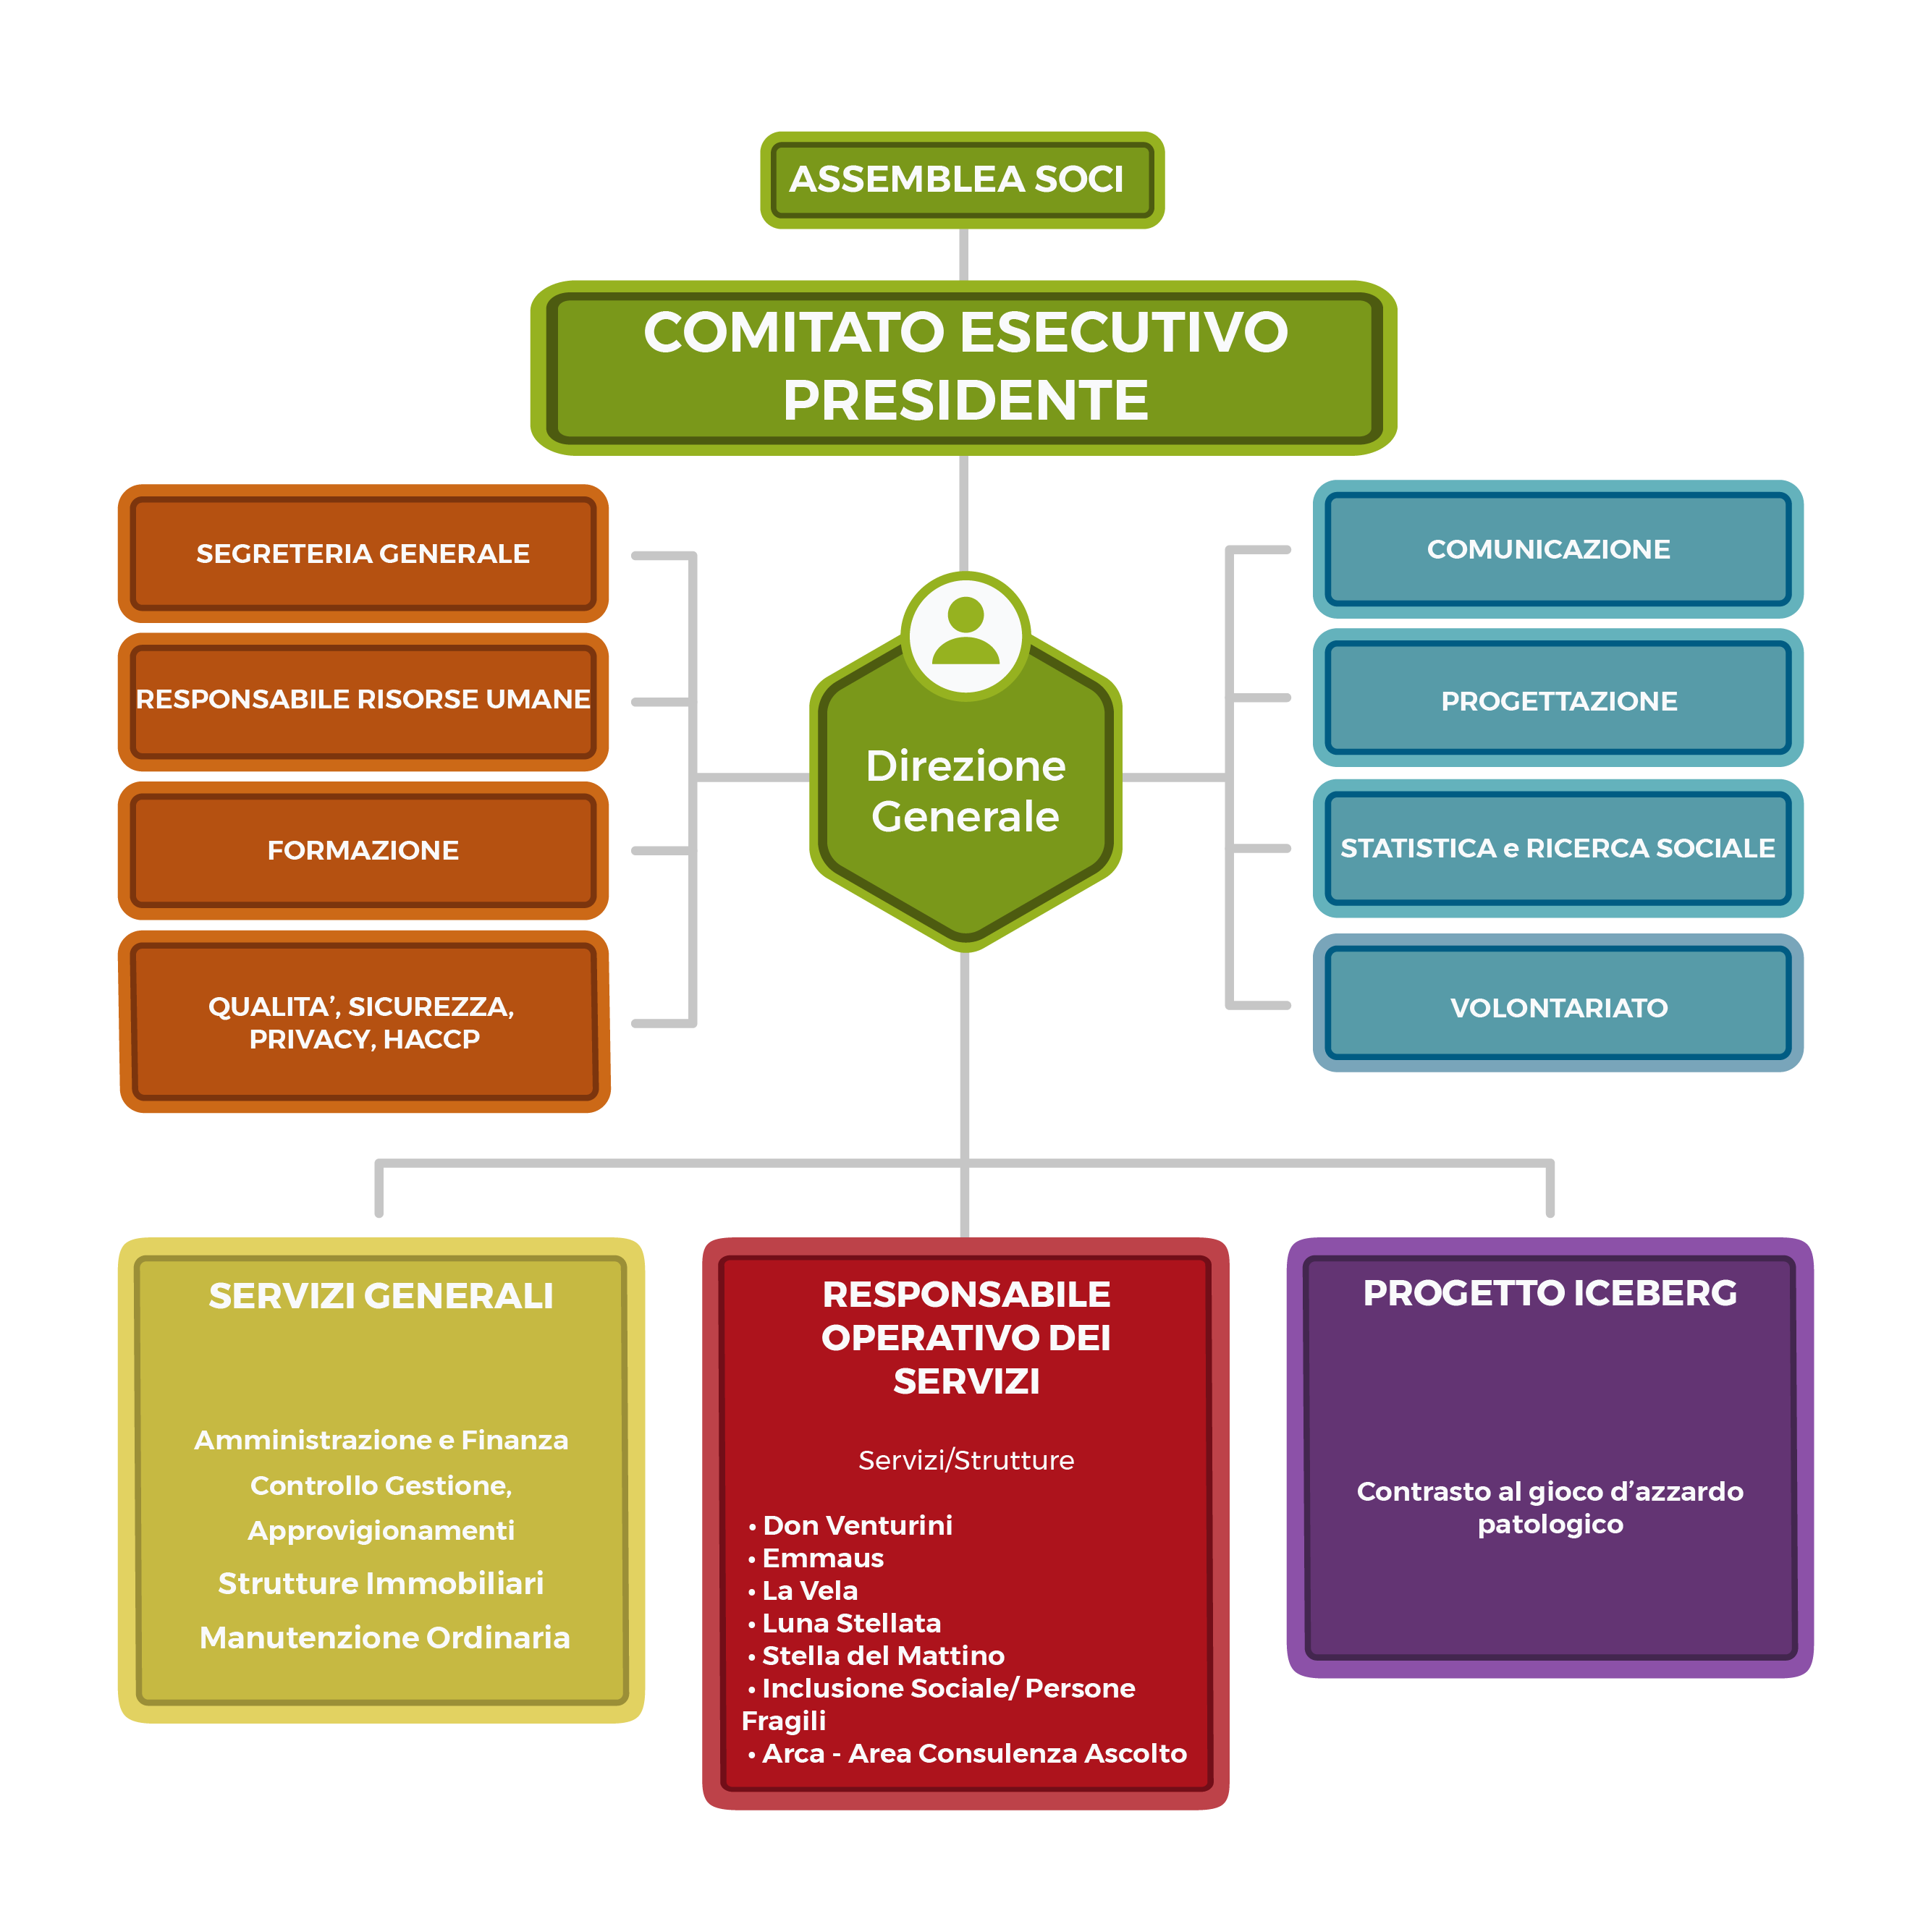 Organigramma-LaRicerca-Corretto-per-sito-01